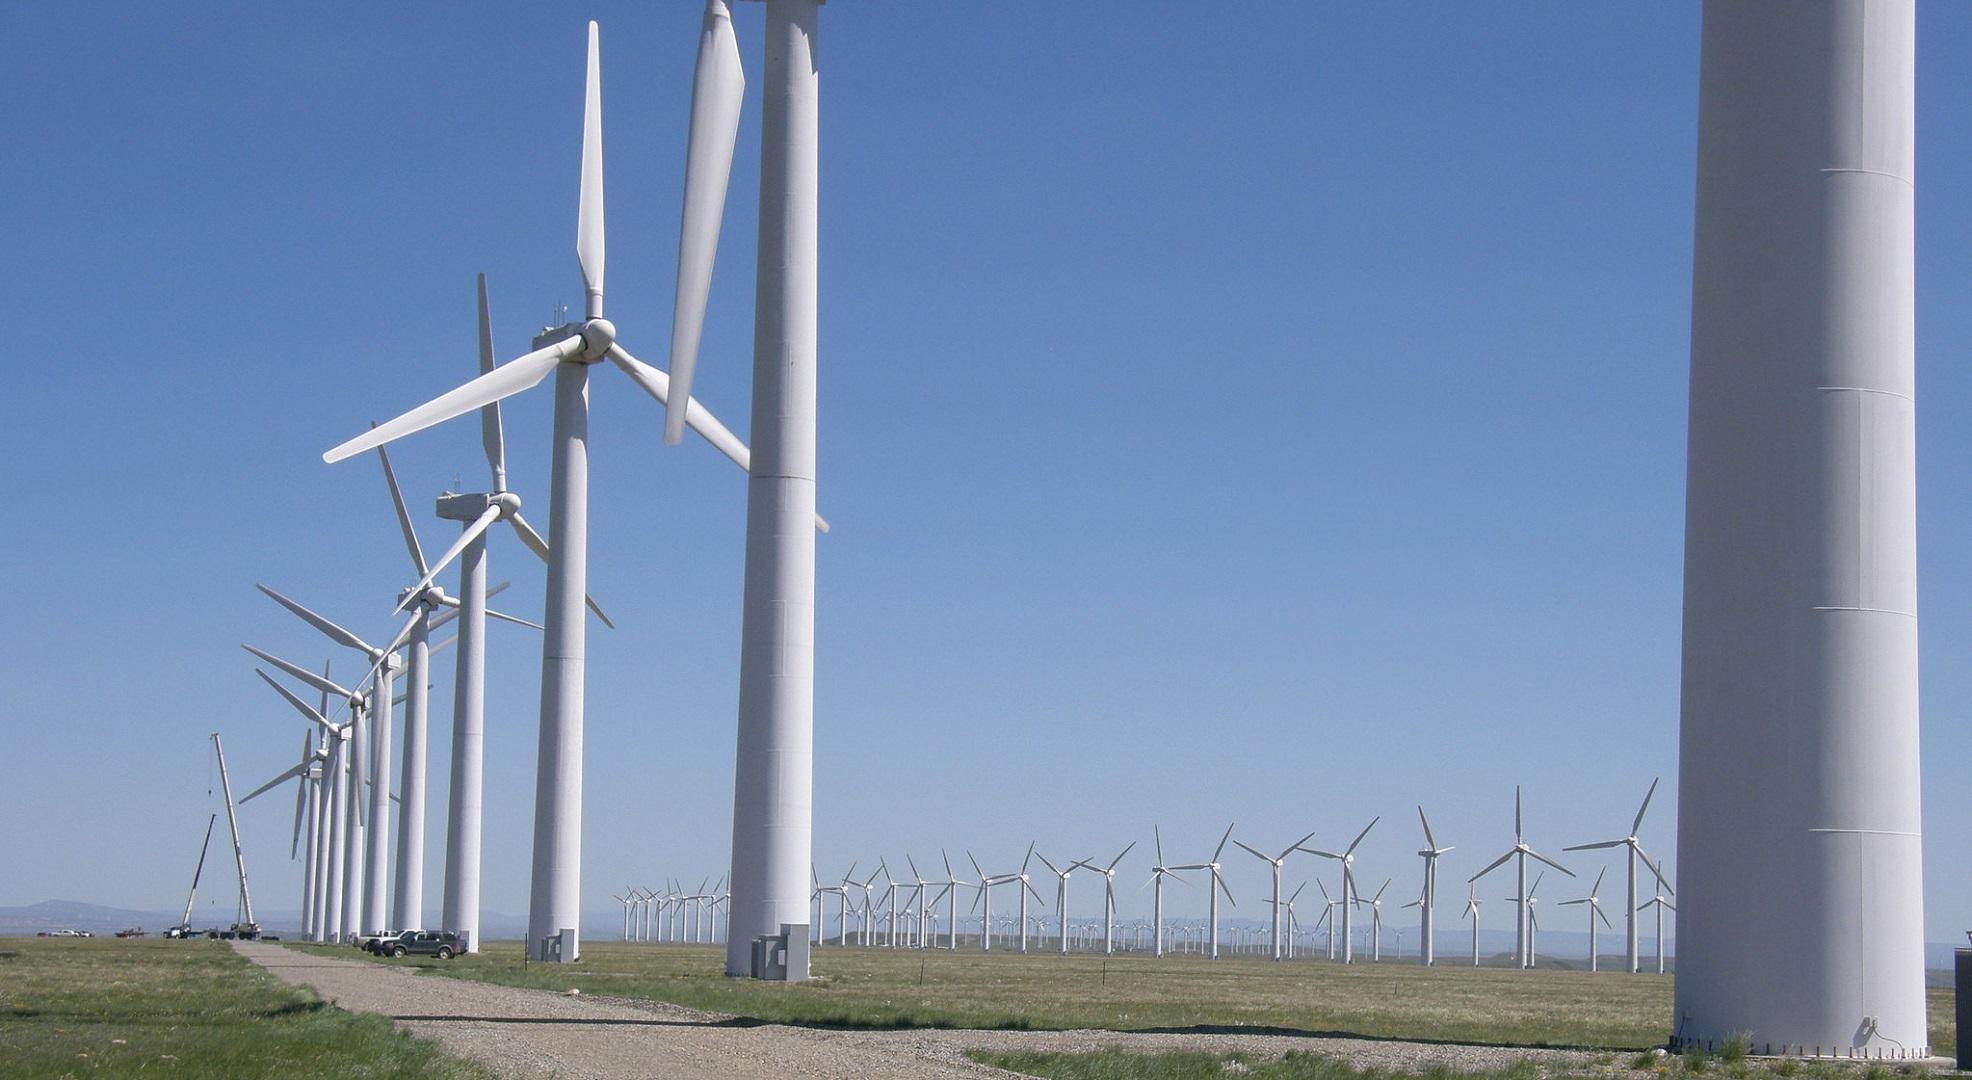 El ahorro por usar solo energía renovable: la ciudad de Houston